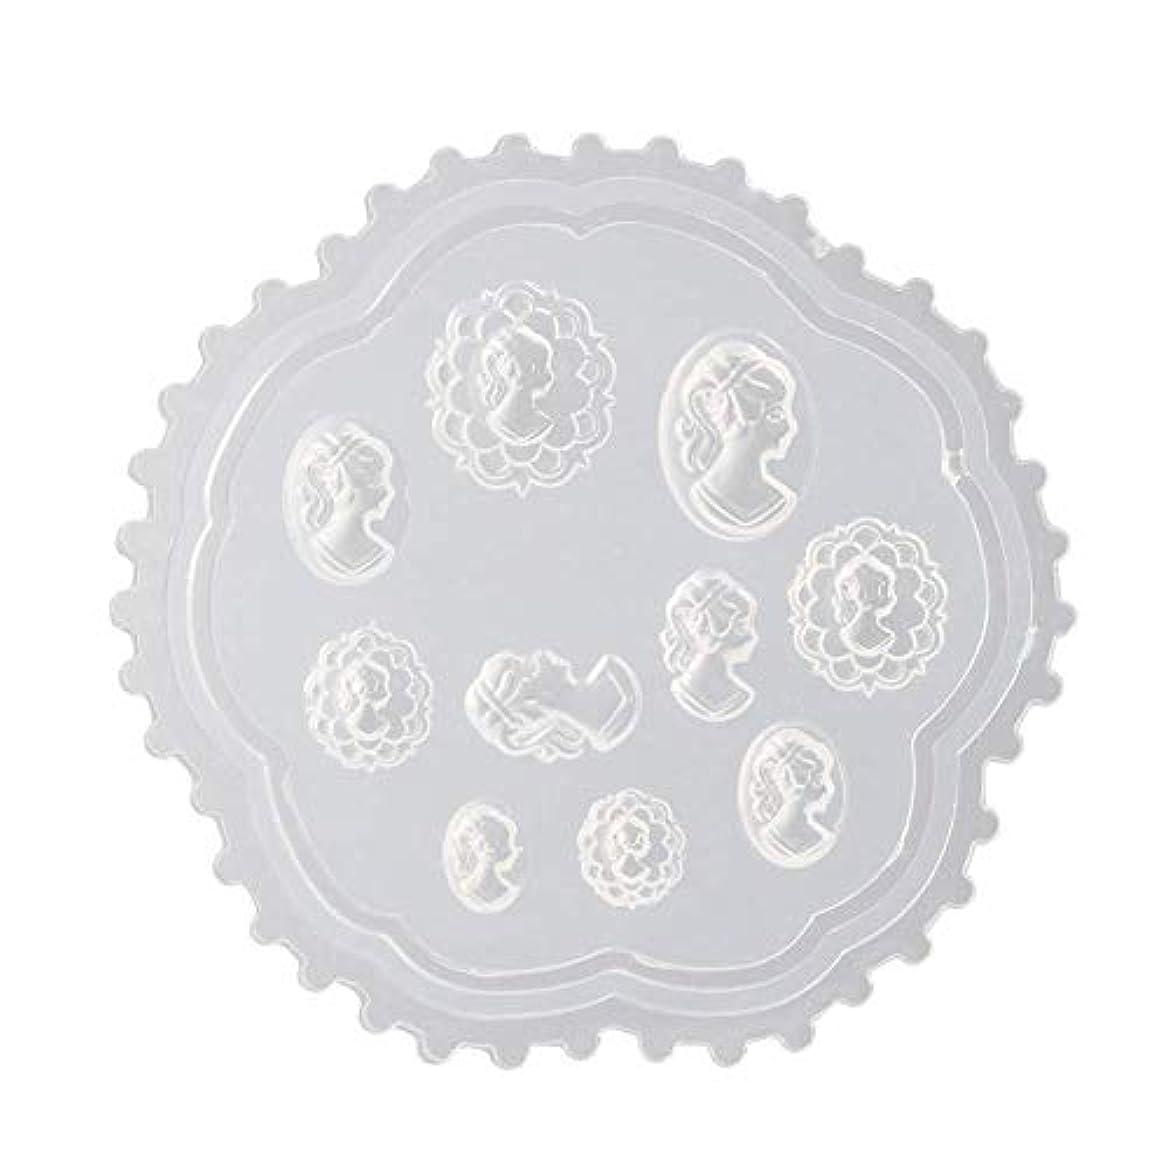 シチリア急性菊Flymylion 3Dシリコンモールド ネイル 葉 花 抜き型 3Dネイル用 レジンモールド UVレジン ネイルパーツ ジェル ネイル セット アクセサリー パーツ 作成 (2)